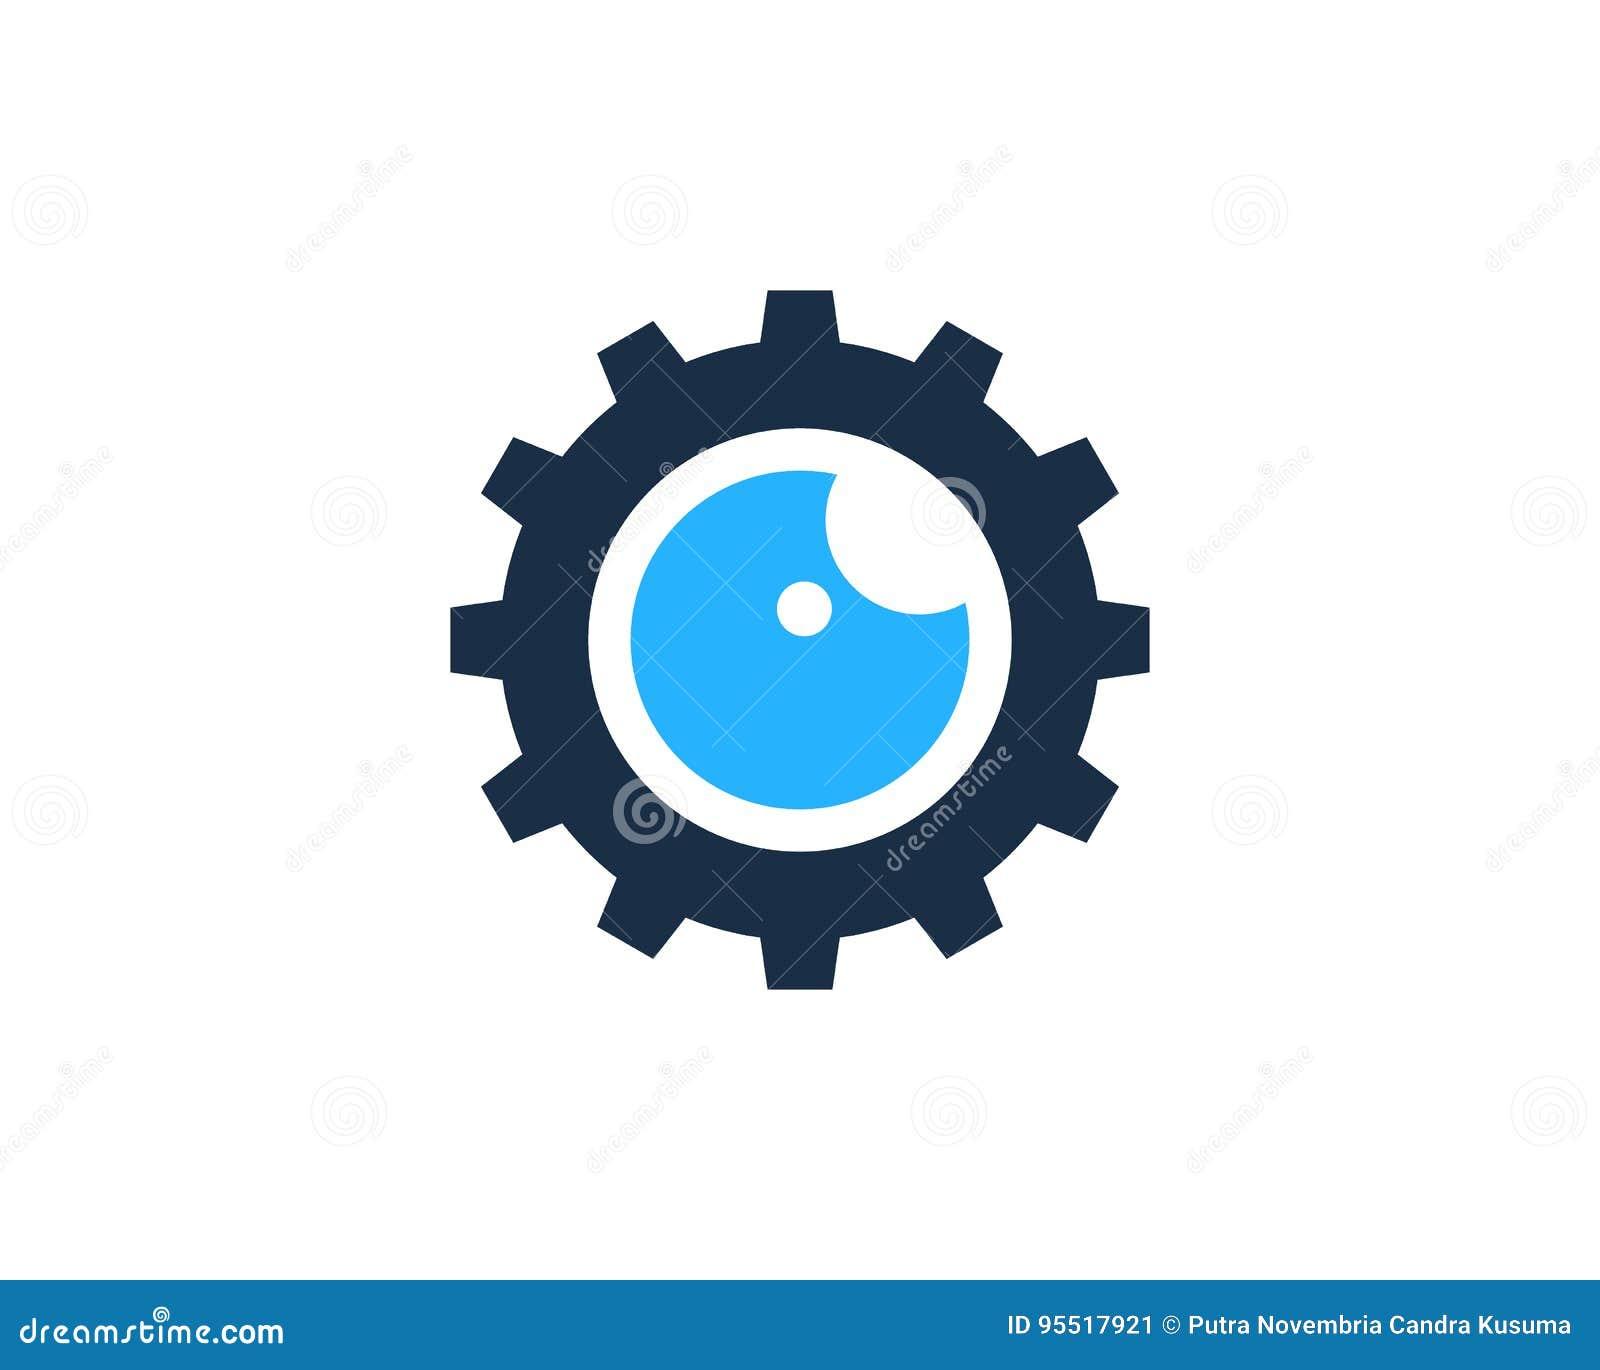 Gang-Werkzeug-Augen-Ikone Logo Design Element Vektor Abbildung ...